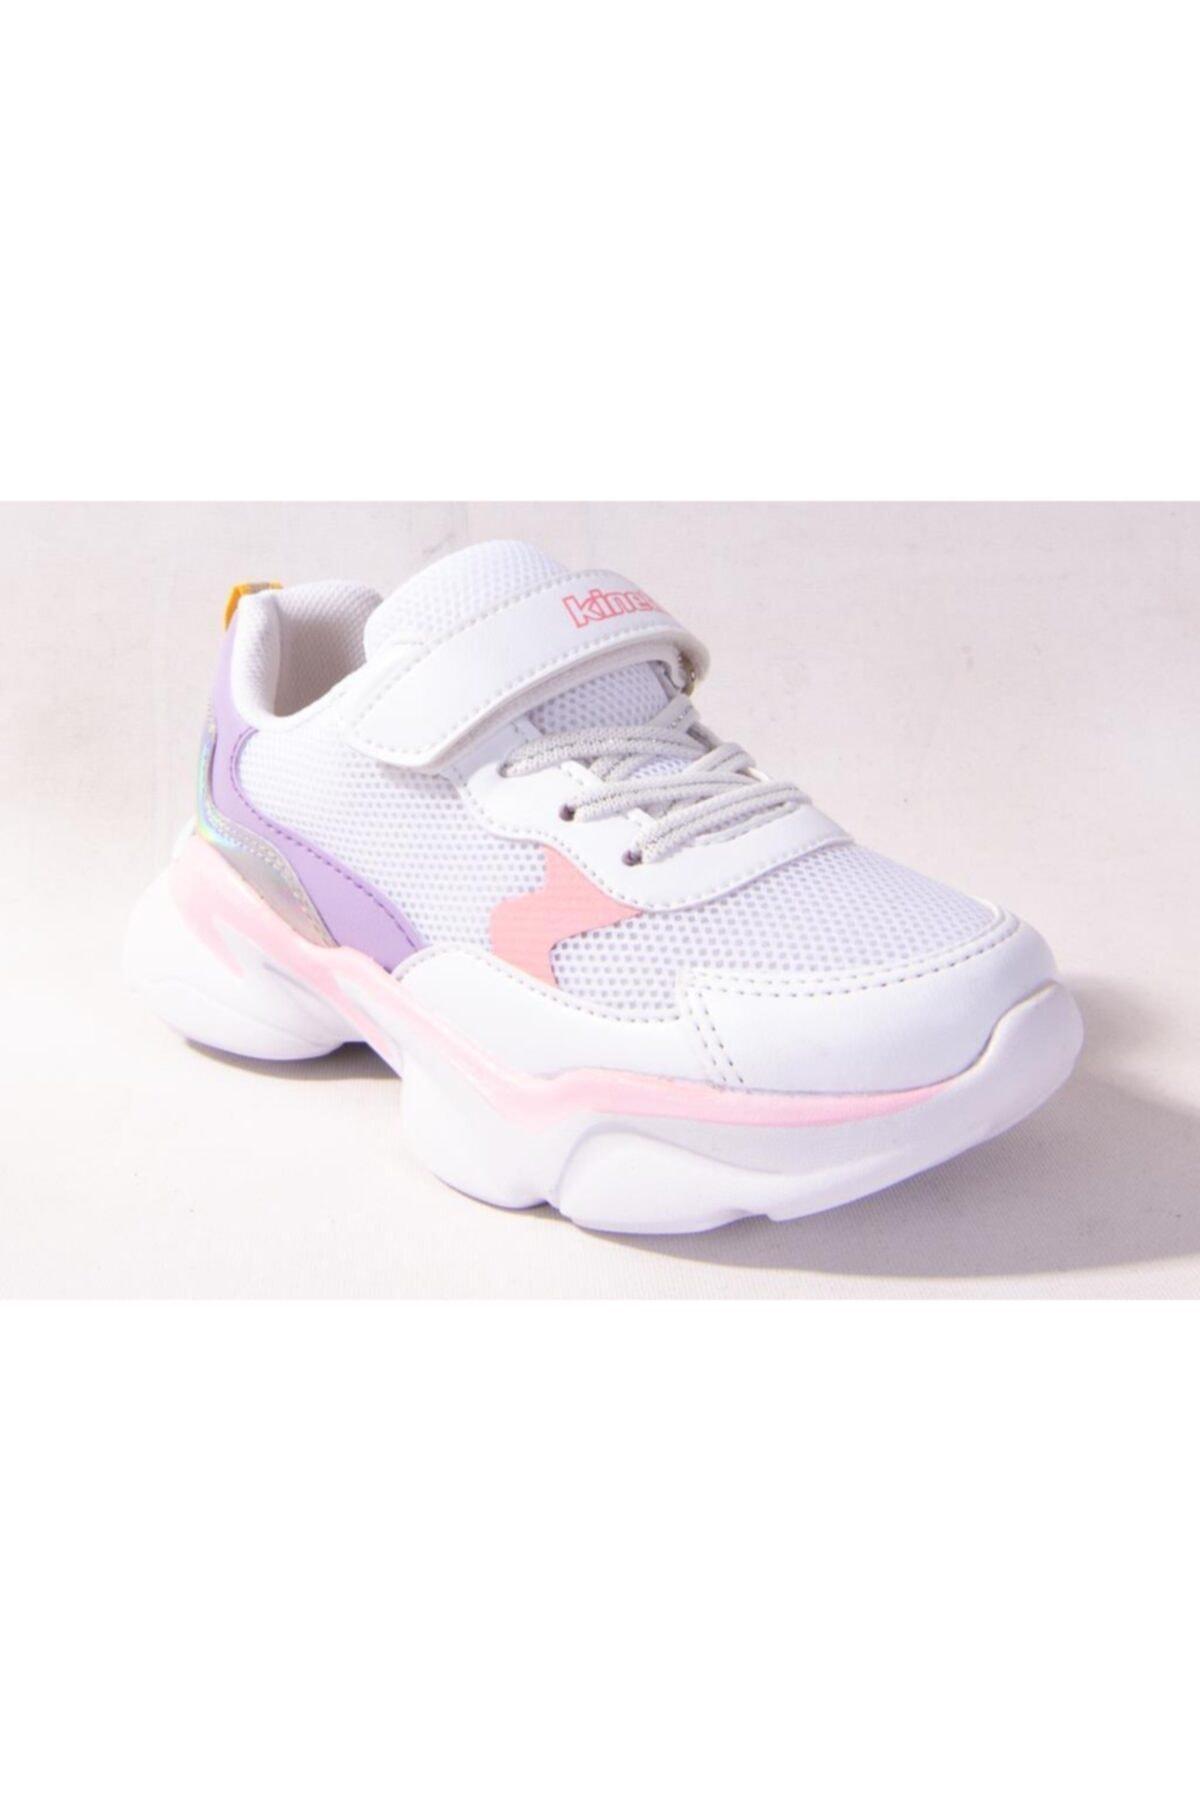 فروش انلاین کفش اسپرت بچه گانه دخترانه مجلسی برند کینتیکس kinetix کد ty81812207